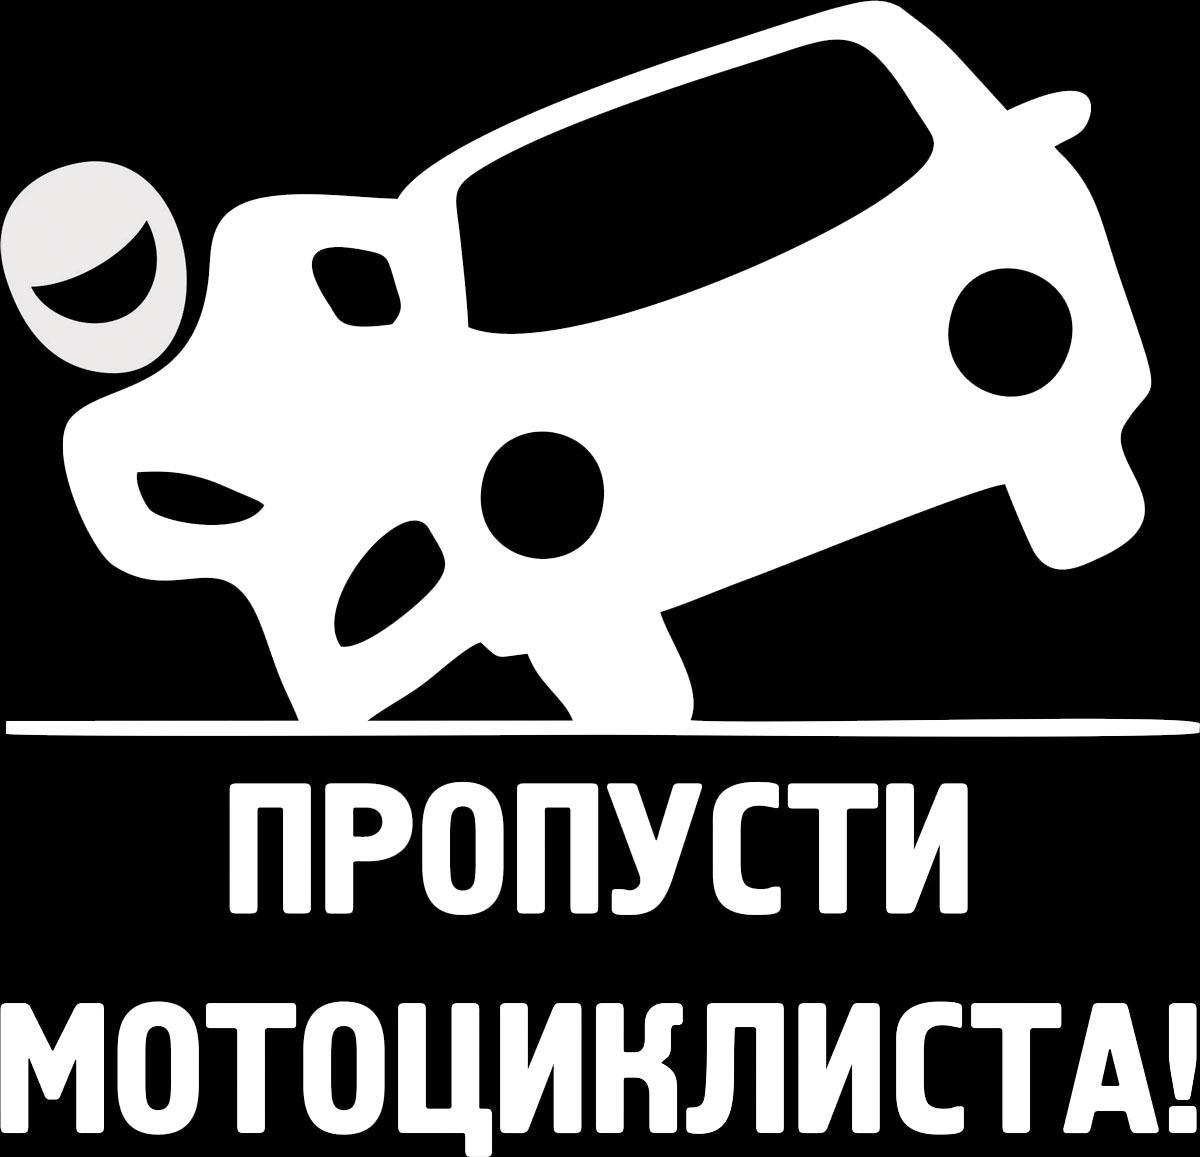 Наклейка автомобильная Оранжевый слоник Пропусти мотоциклиста!, виниловая, цвет: белыйSC-FD421005Оригинальная наклейка Оранжевый слоник Пропусти мотоциклиста! изготовлена из высококачественной виниловой пленки, которая выполняет не только декоративную функцию, но и защищает кузов автомобиля от небольших механических повреждений, либо скрывает уже существующие.Виниловые наклейки на автомобиль - это не только красиво, но еще и быстро! Всего за несколько минут вы можете полностью преобразить свой автомобиль, сделать его ярким, необычным, особенным и неповторимым!